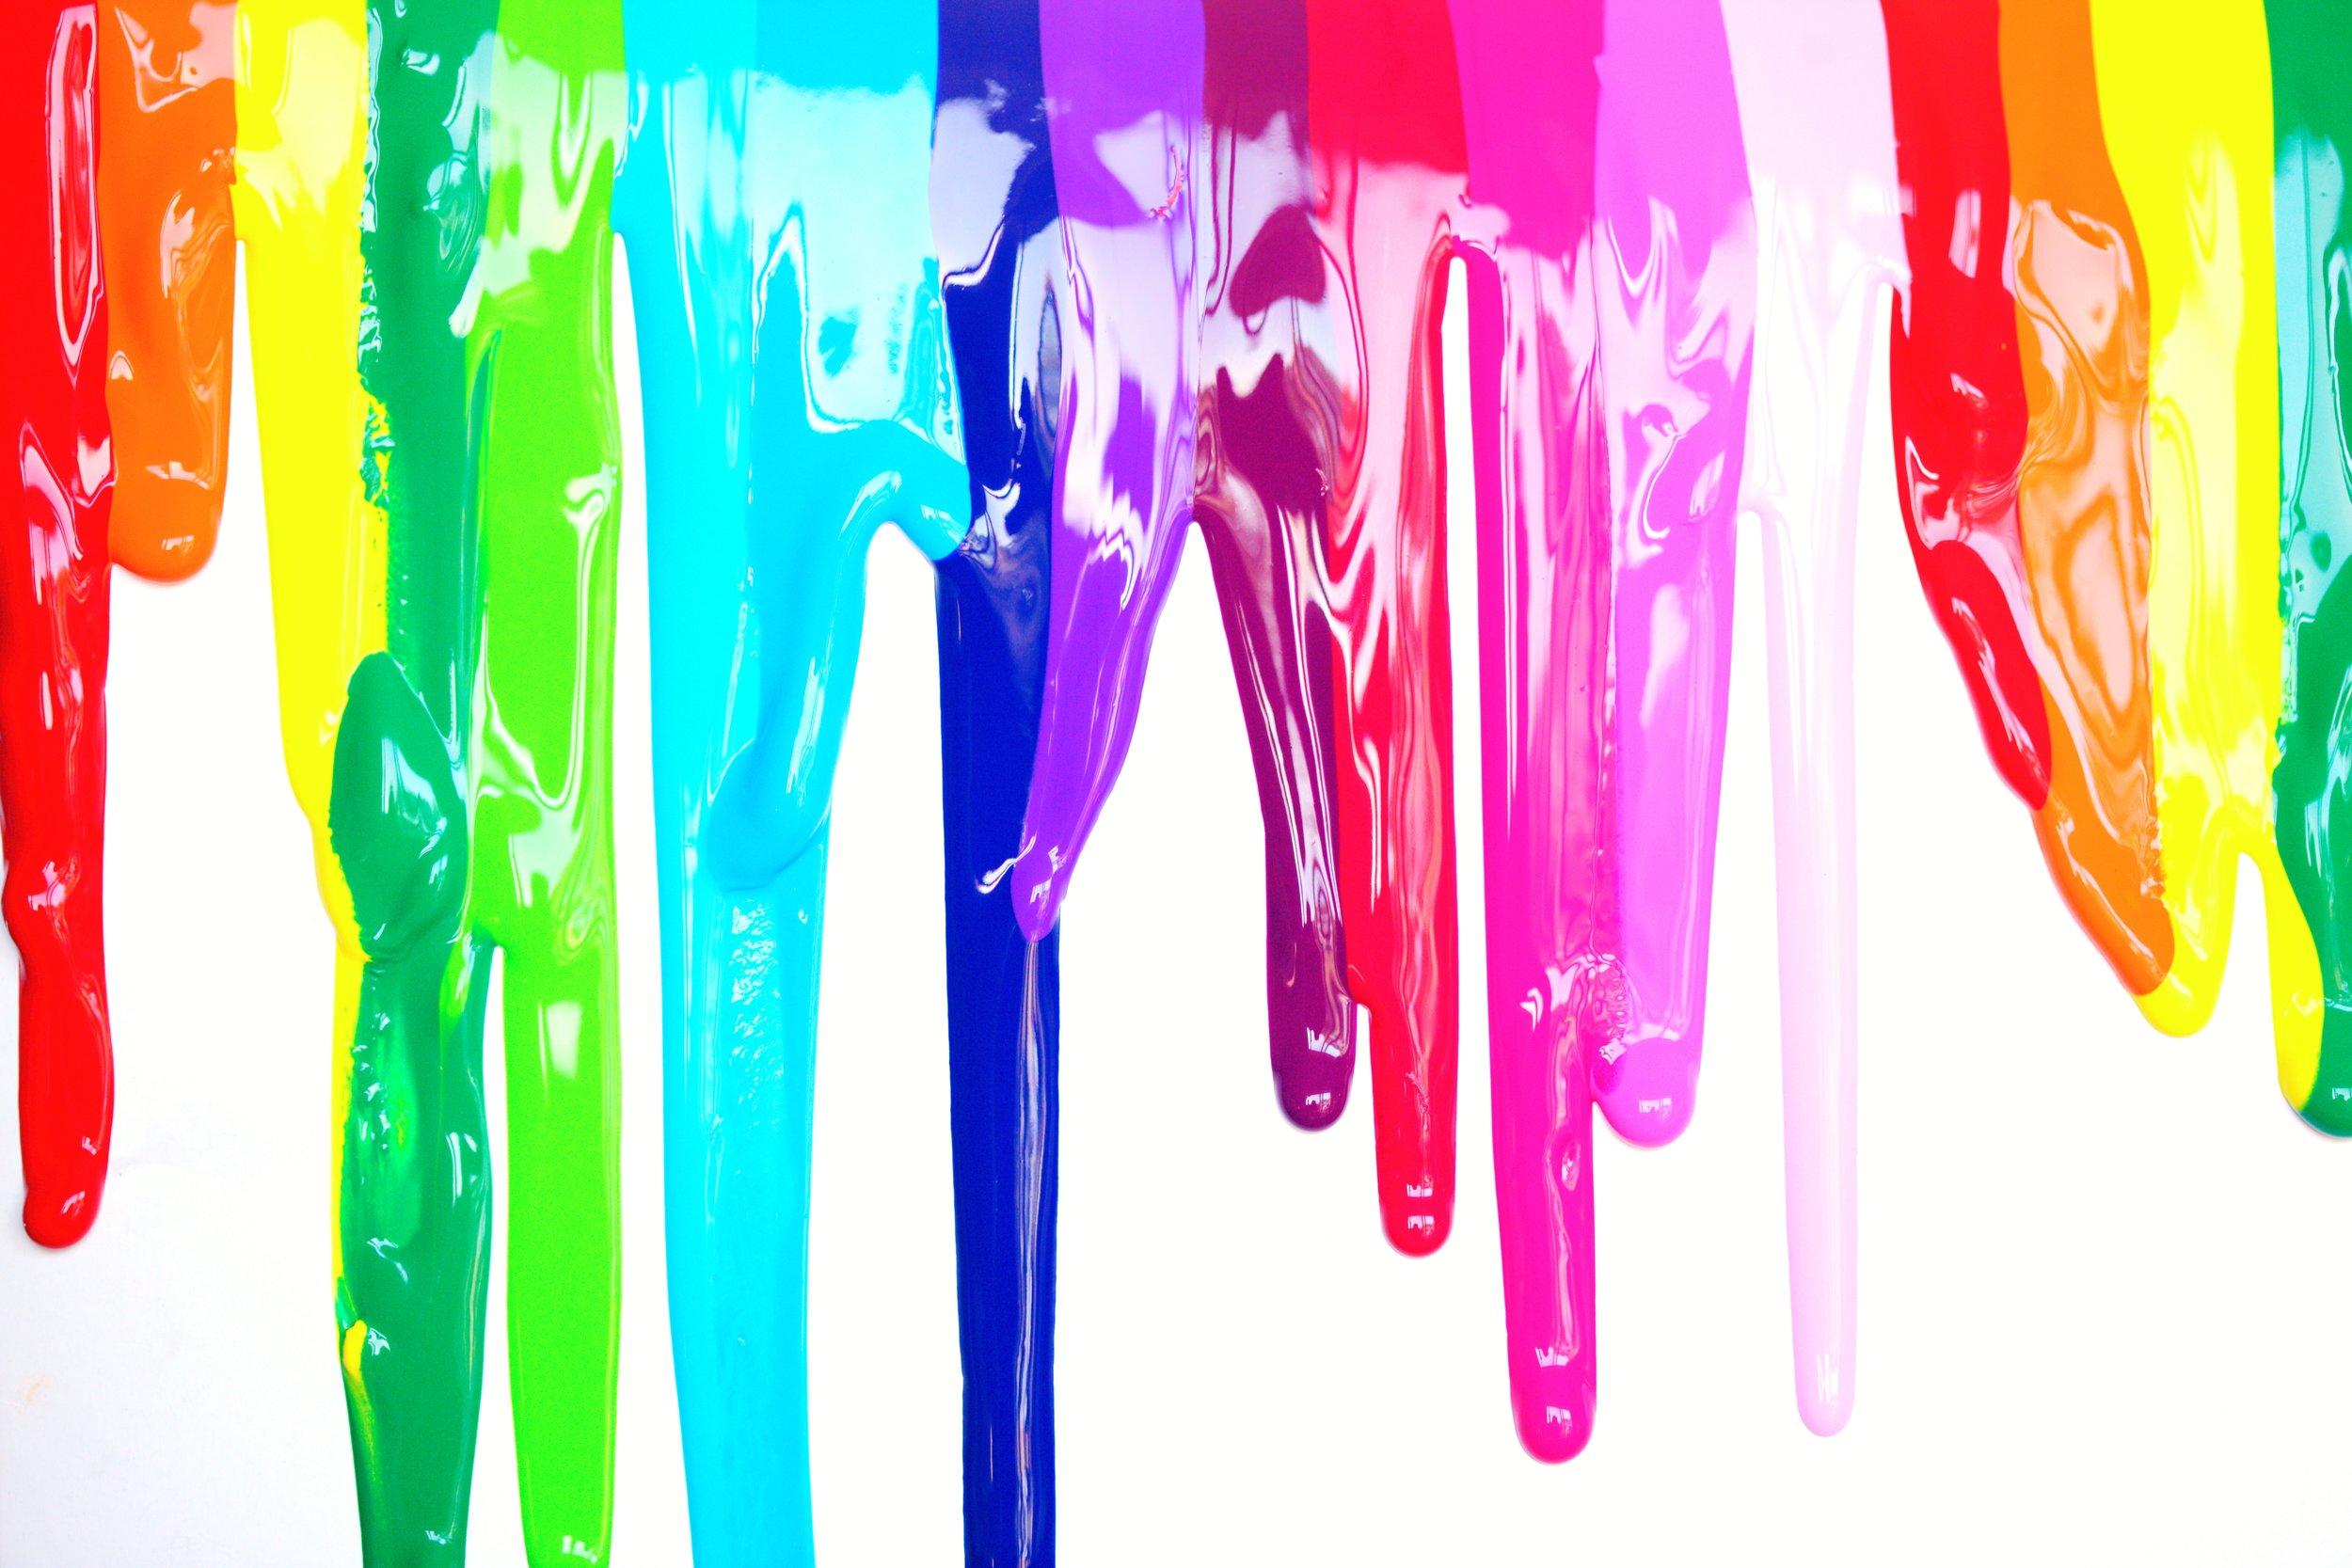 17 de MAIG Dia internacional contra l'Homofòbia, Transfòbia i bifòbia a Girona